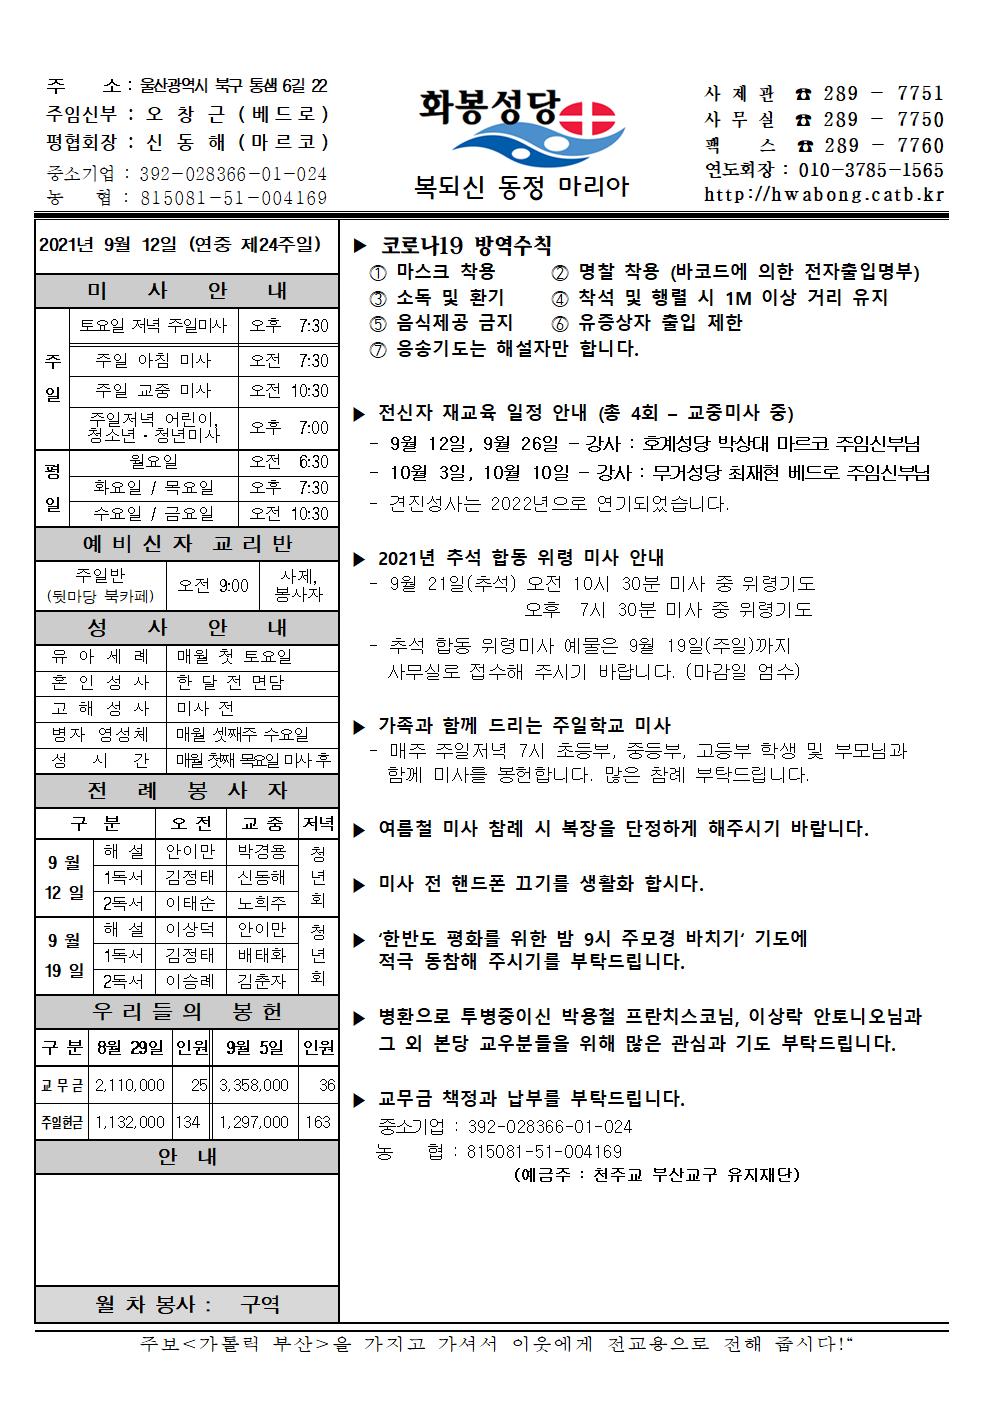 화봉성당 20210912 주보.png